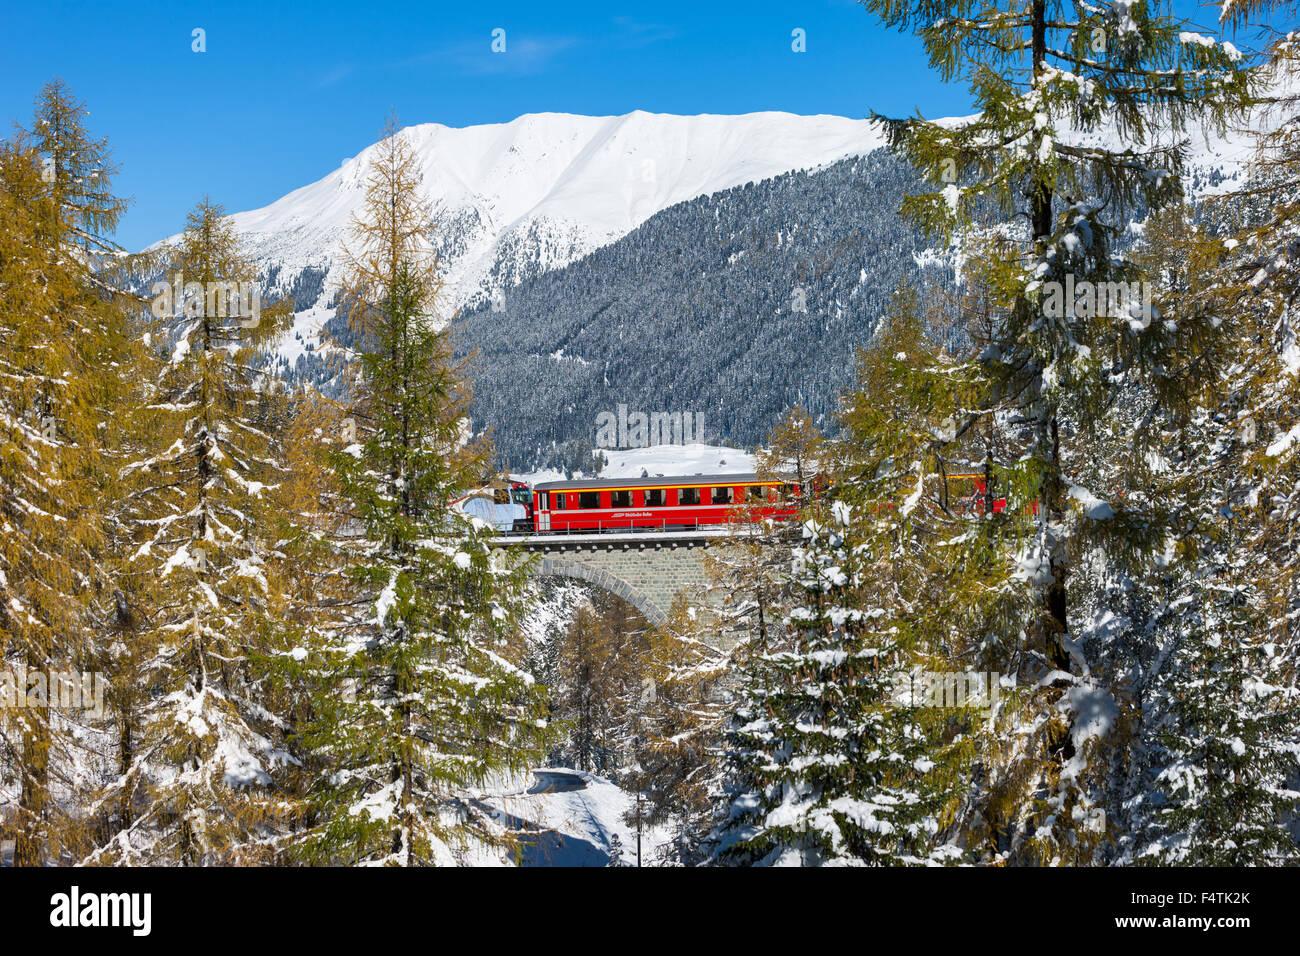 Albula ferrovia Albula, ferrovia, treno, Svizzera, del cantone dei Grigioni, Grigioni, UNESCO del patrimonio culturale Immagini Stock